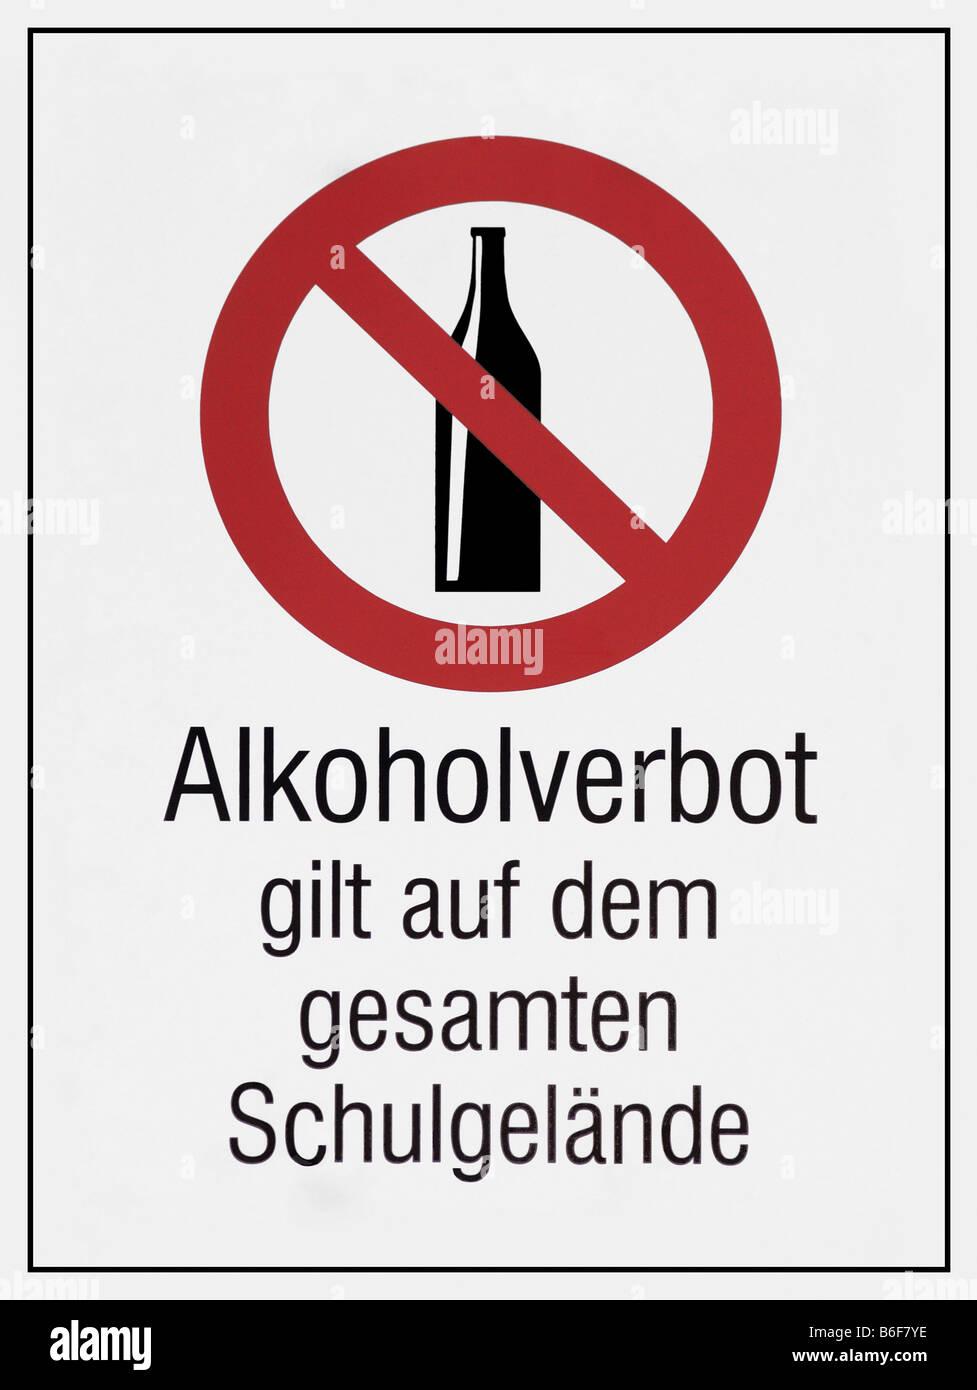 Zeichen, vergoldete Alkoholverbot Auf Dem Gesamten Schulgelaende, Alkoholverbot in Kraft auf dem gesamten Schulgelände Stockbild